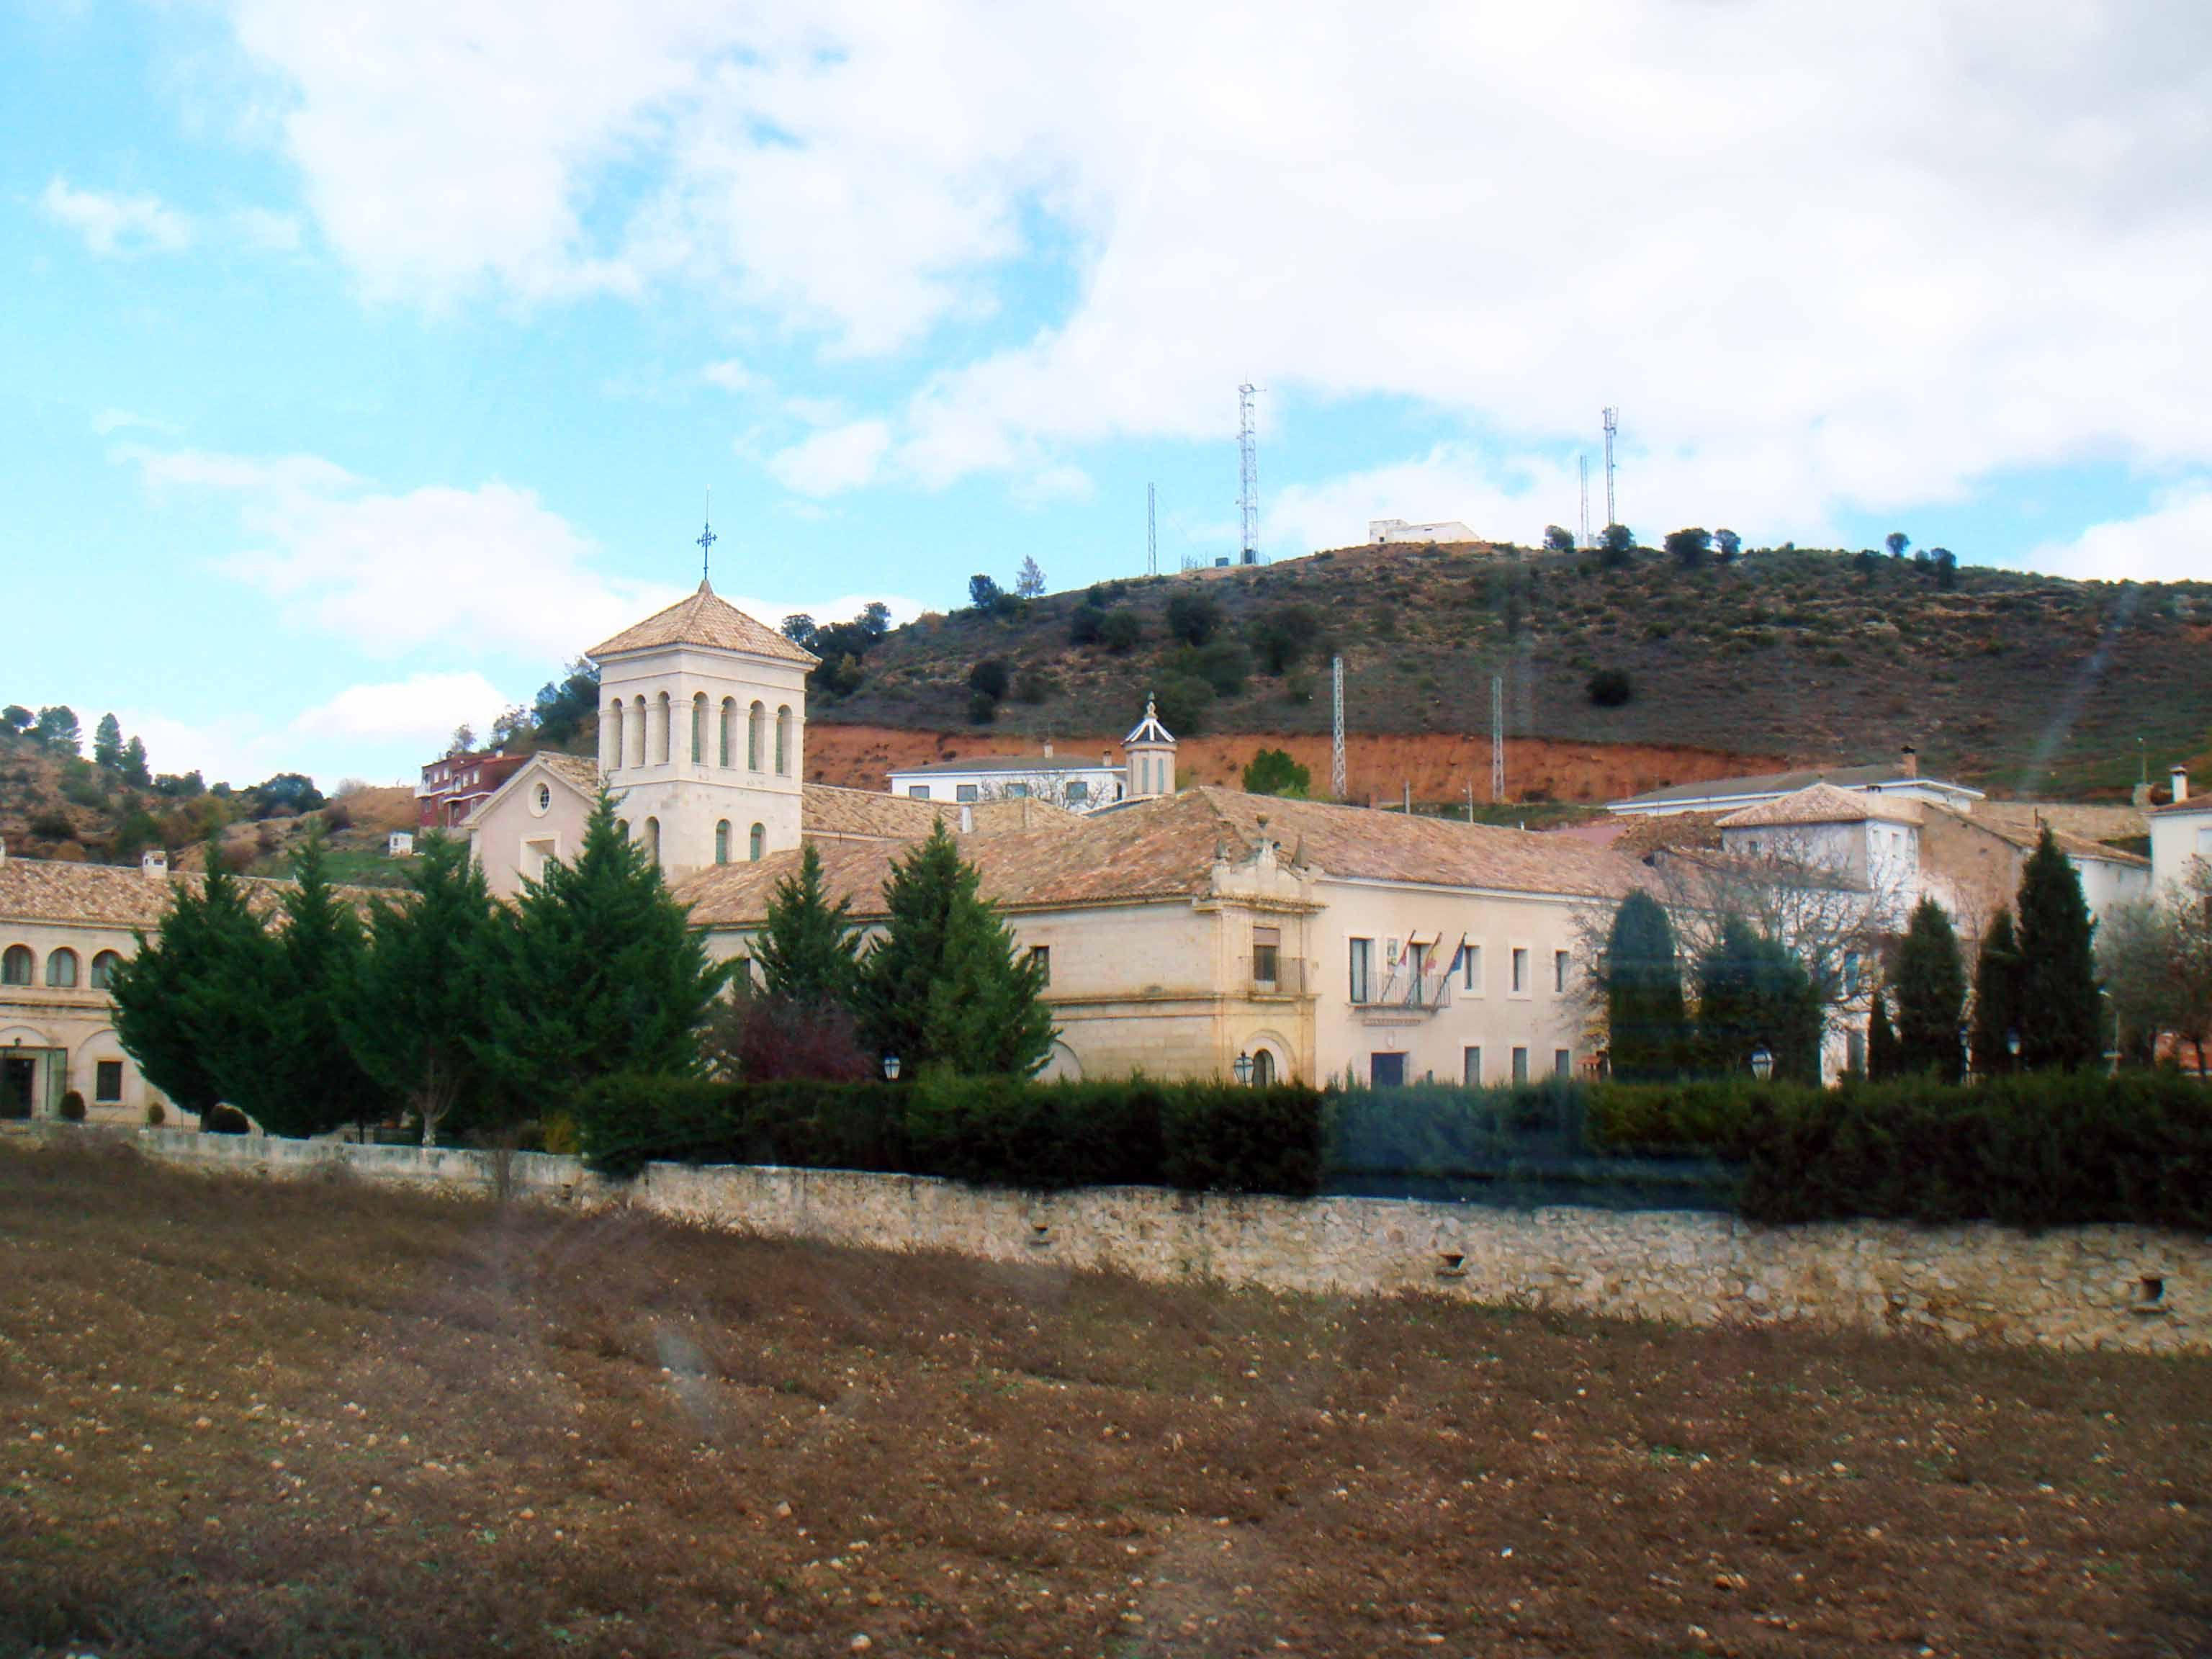 Hoy la ruta nos lleva hasta Garaballa. Entre libros, contemplo el Monasterio de Tejeda